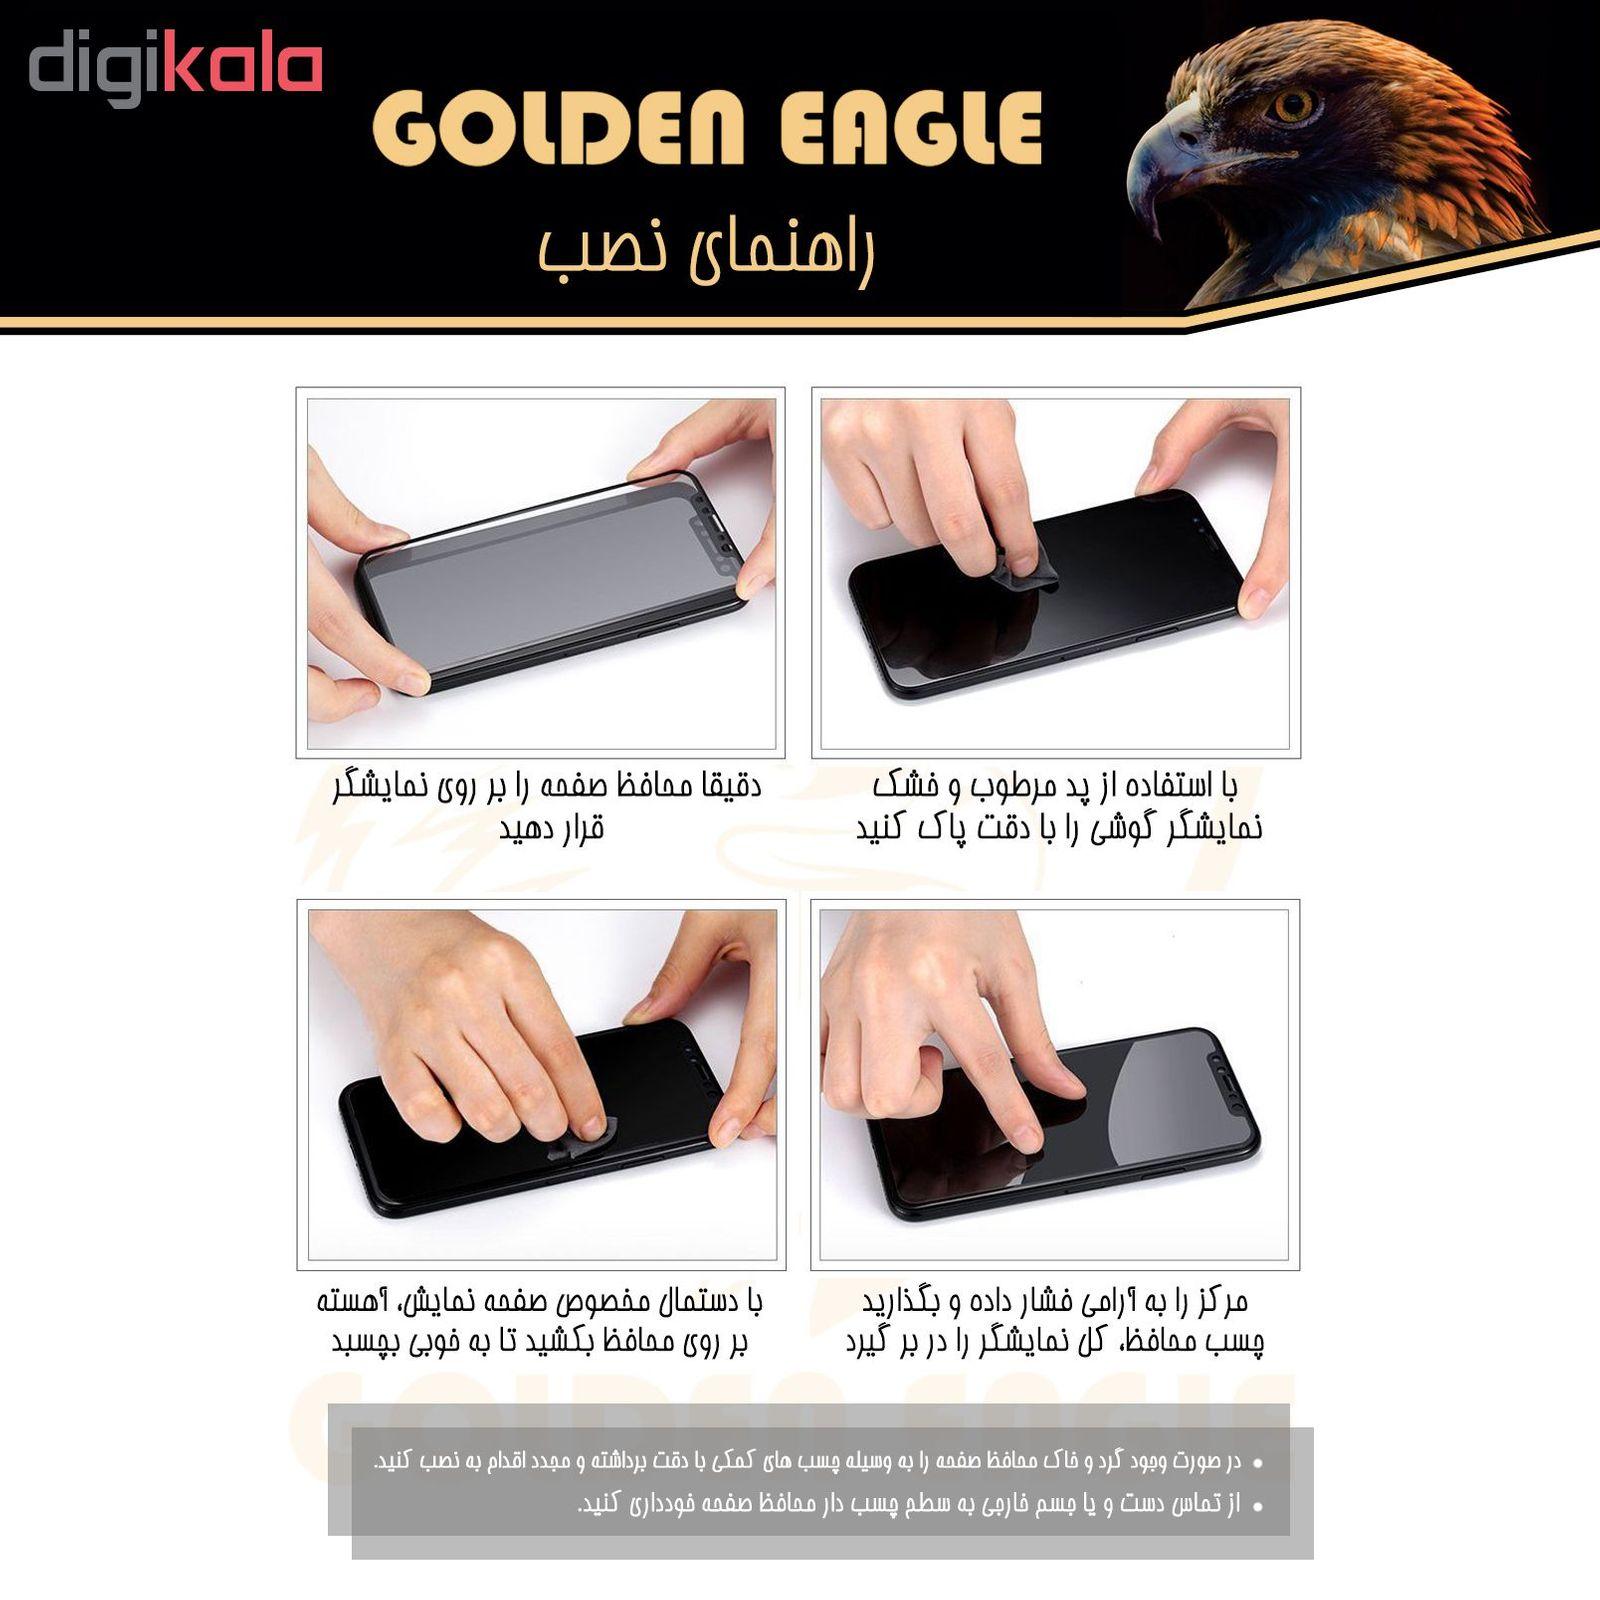 محافظ صفحه نمایش گلدن ایگل مدل GLC-X1 مناسب برای گوشی موبایل اپل iPhone SE main 1 4